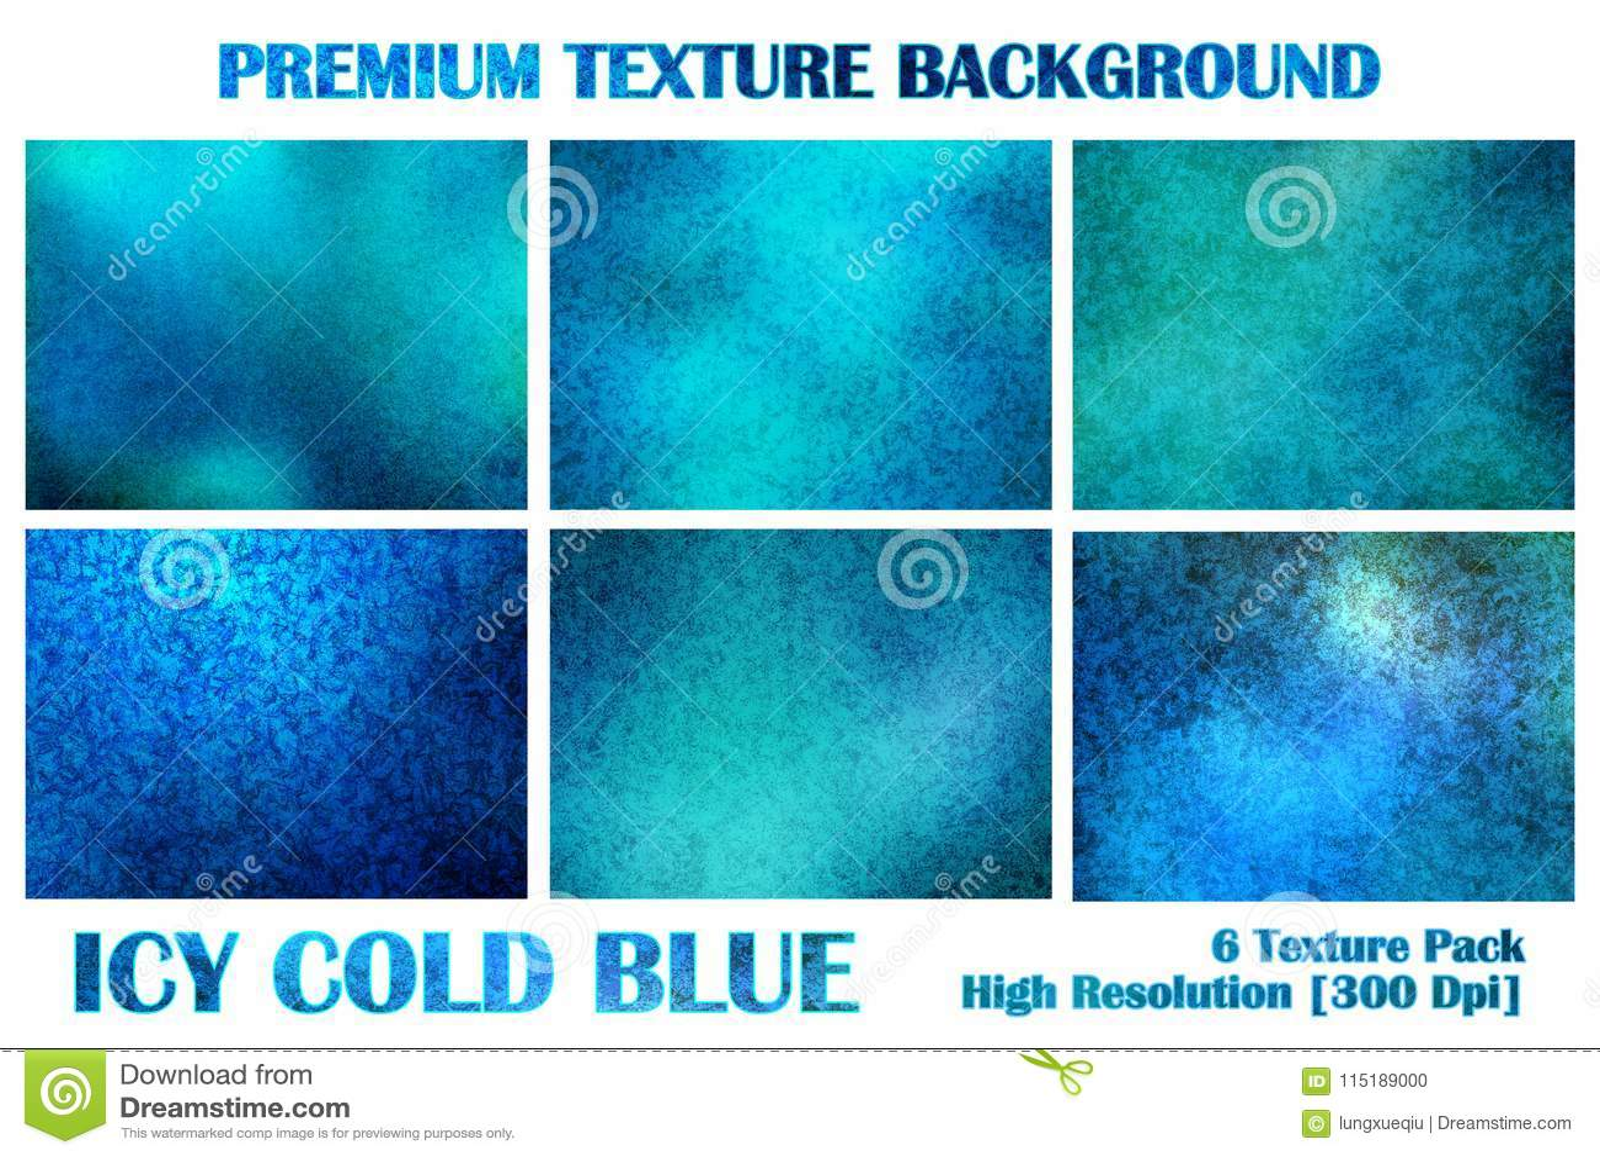 Het ijzige Ijskoude Blauwe Pak van de Premietextuur onder Water Grunge vervormt Rusty Abstract Pattern Background Wallpaper